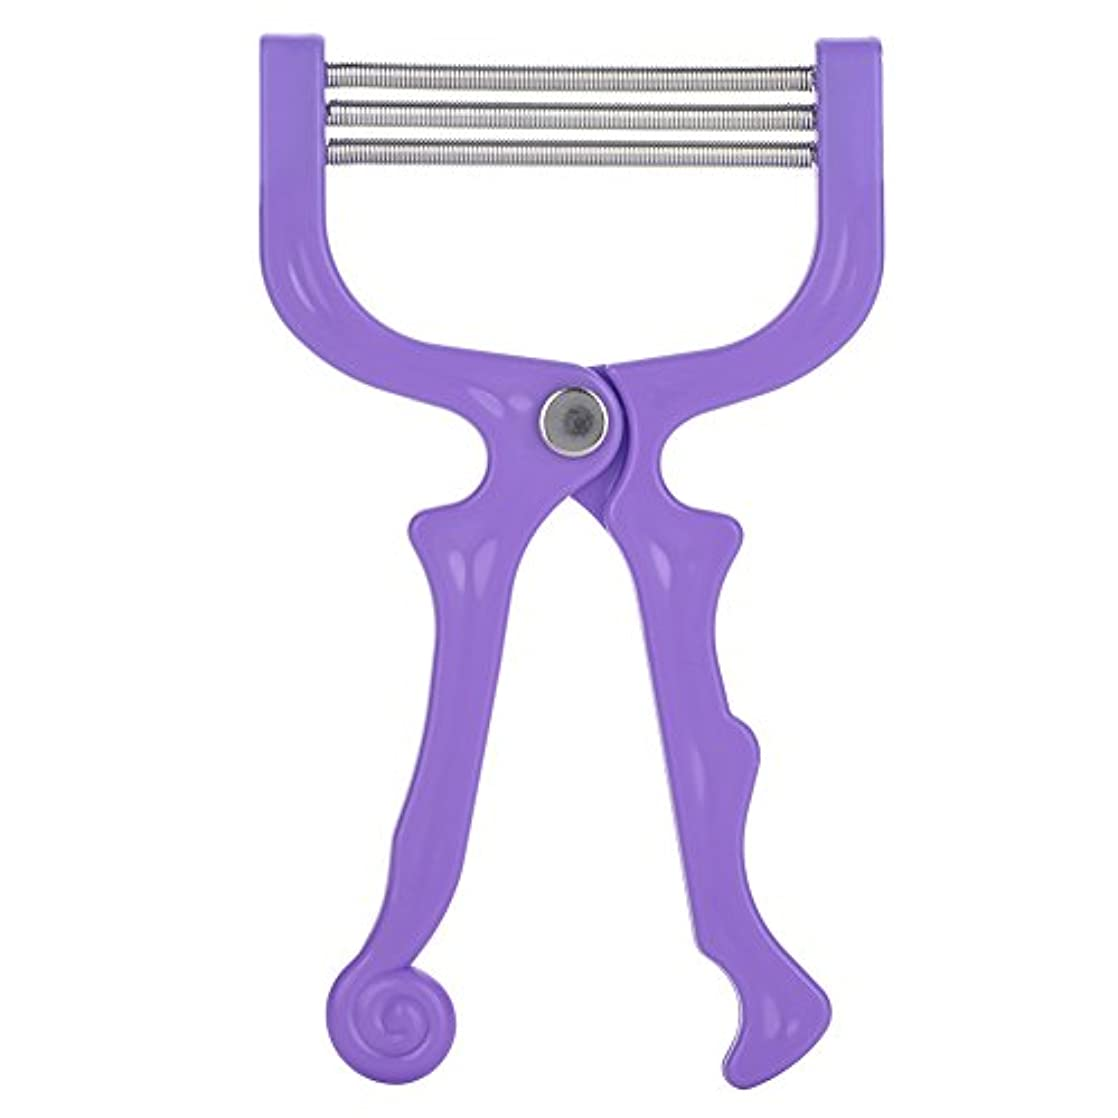 革命的クラッシュ一般的にSoarUp 除毛 脱毛装置 ポータブル脱毛 痛くない除毛ケア 顔用 口 持ち運び安い(パープル)